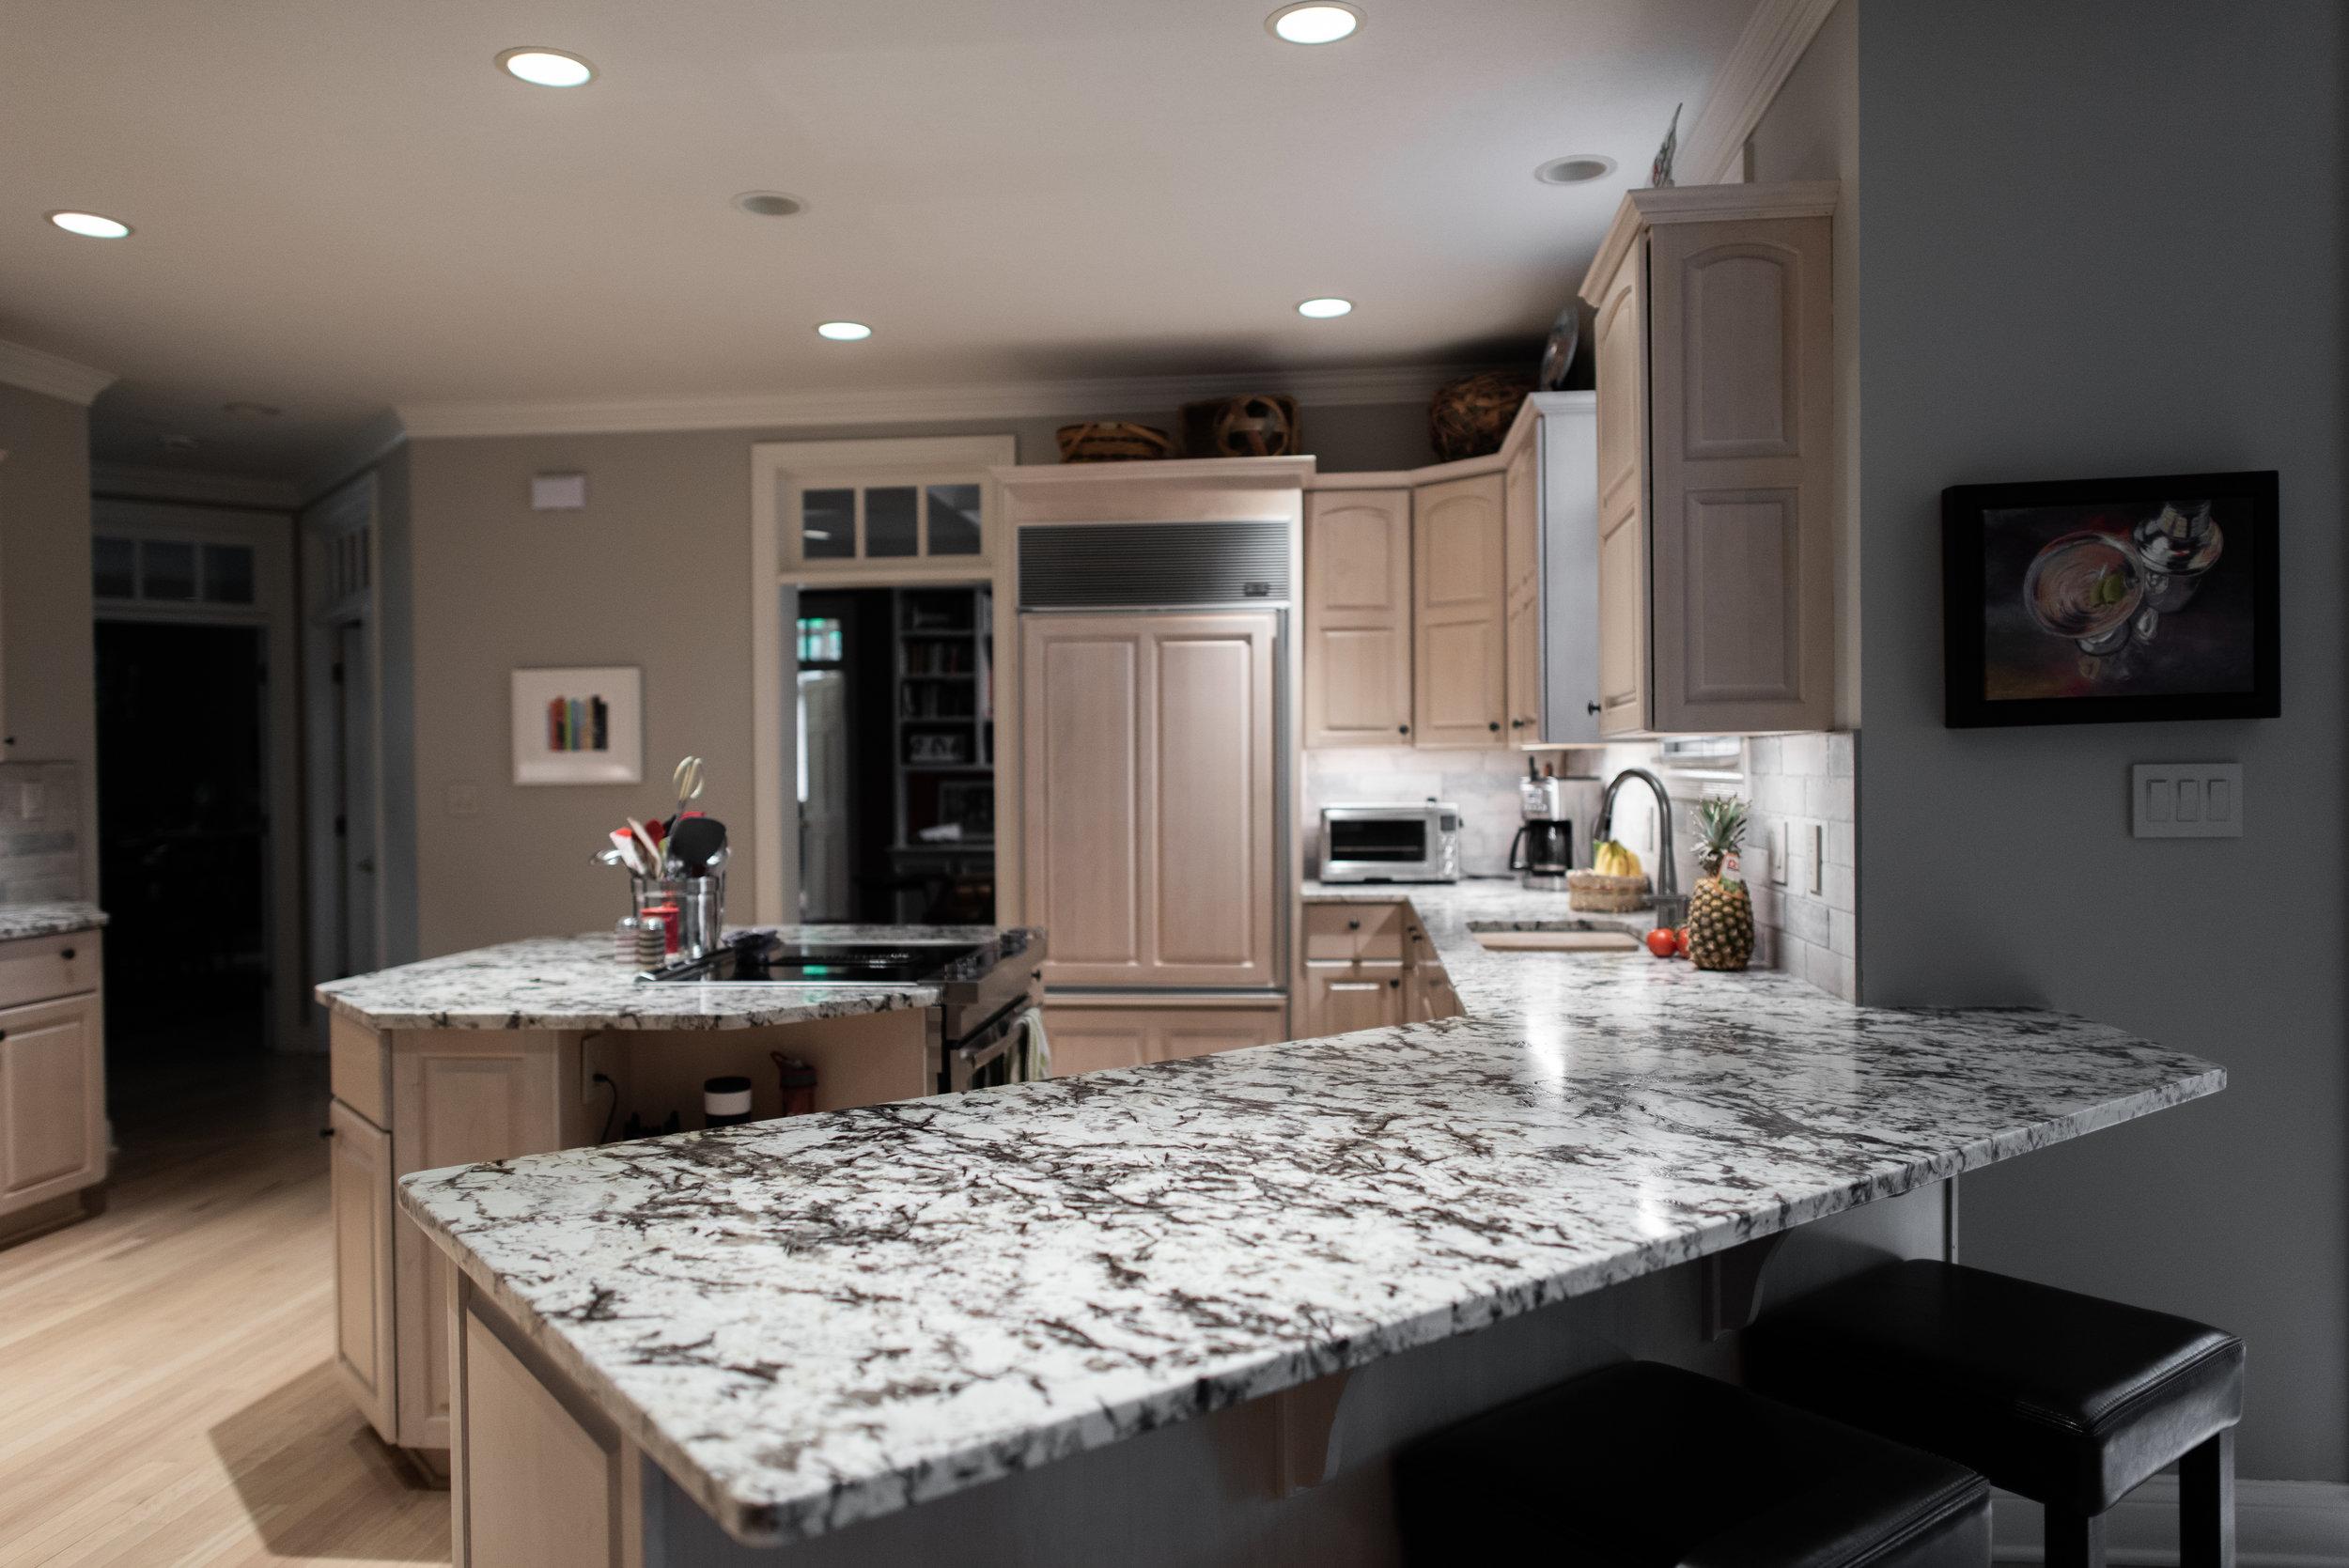 Lumi White Suede Granite